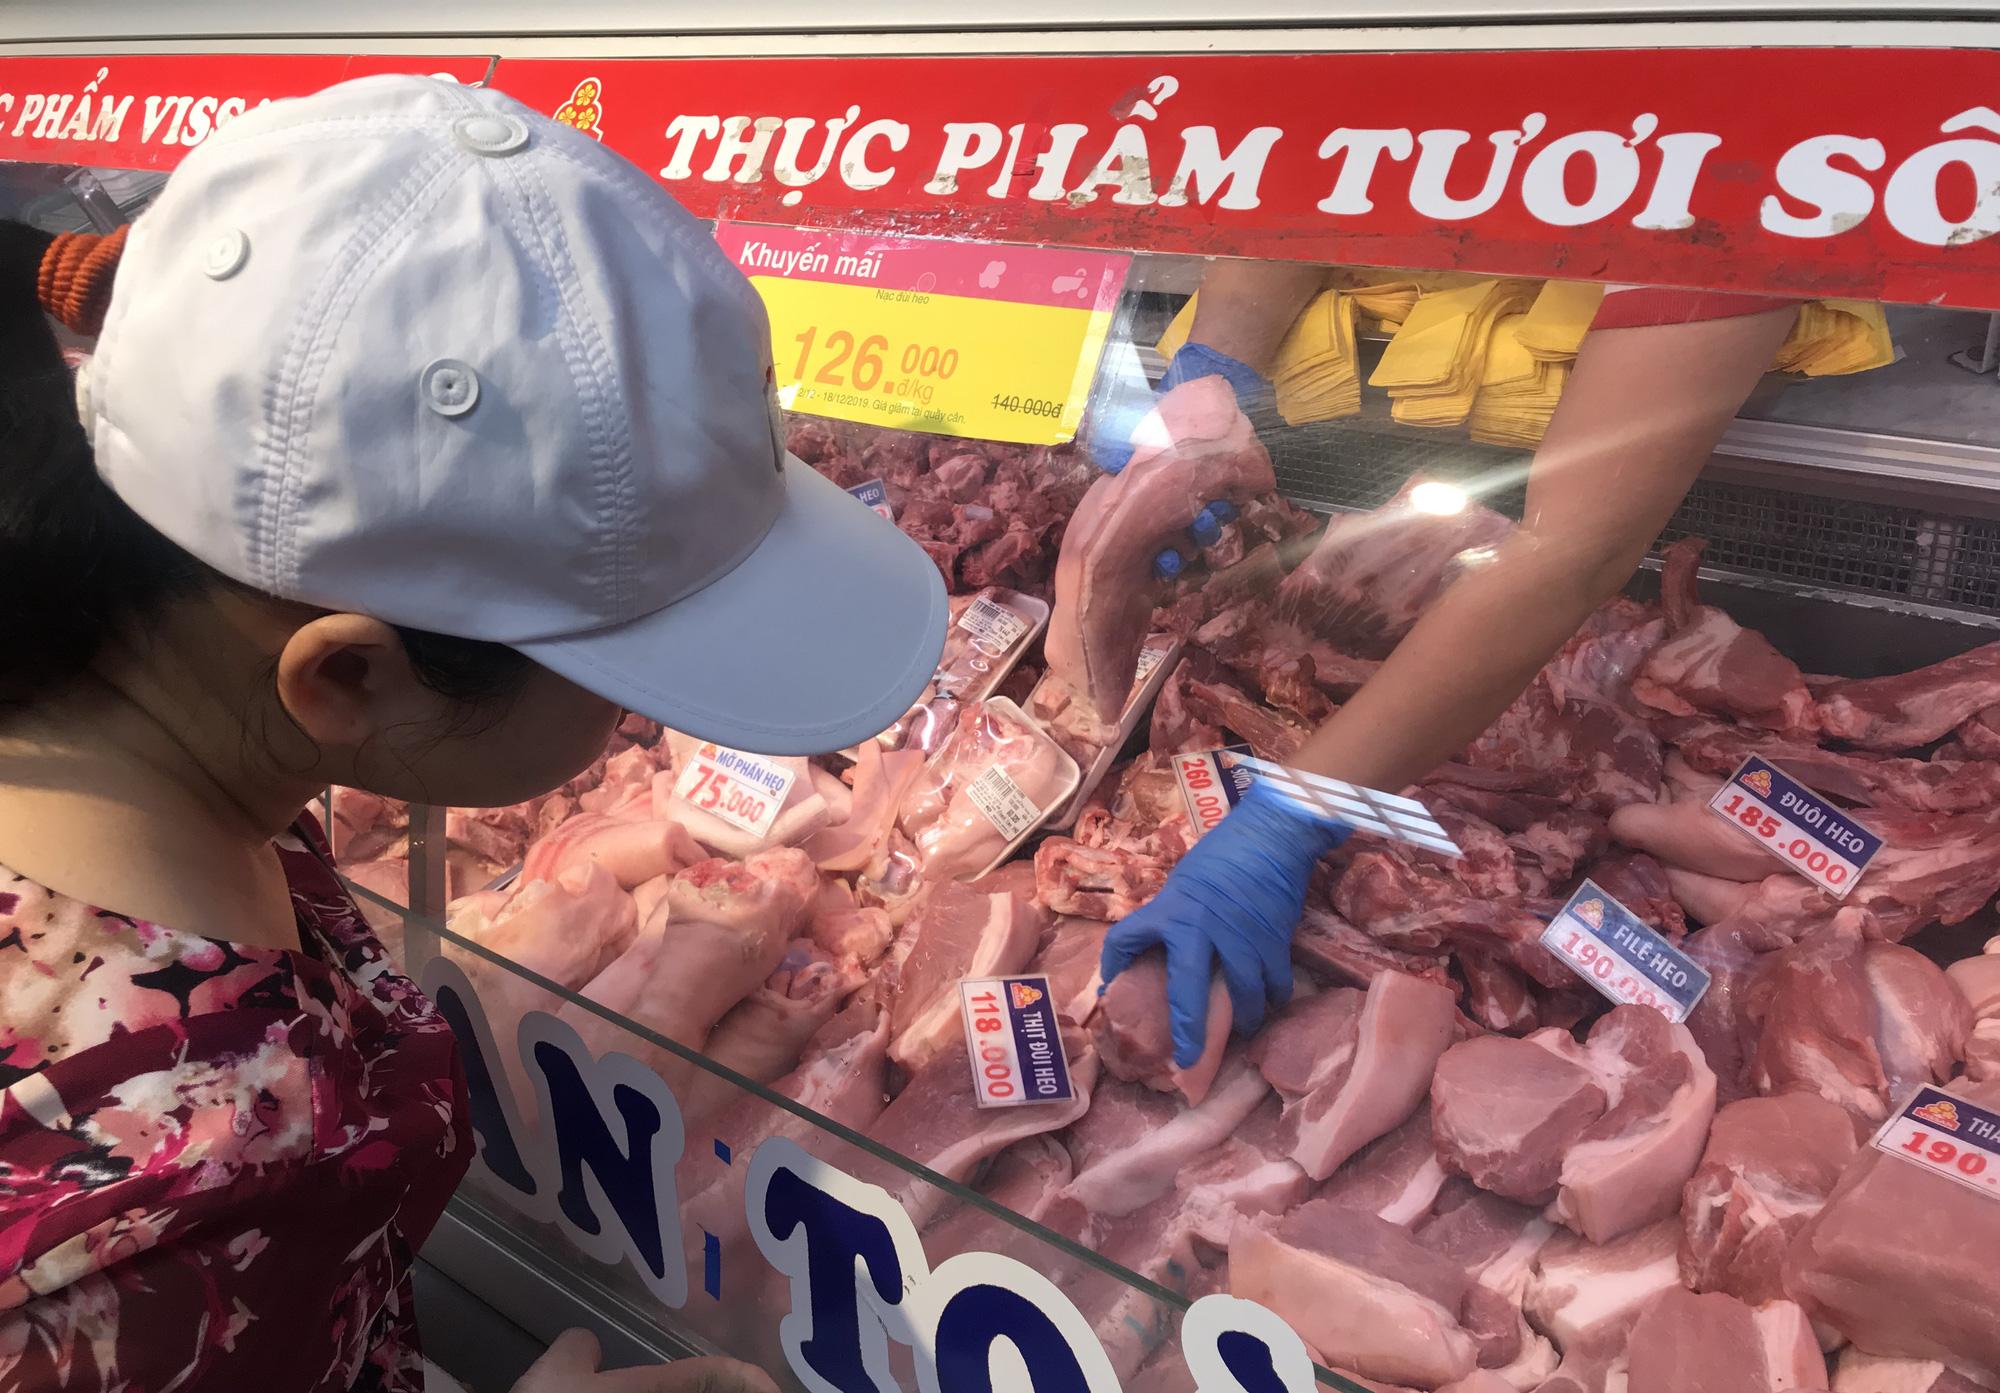 Giá thịt heo tăng cao, TP HCM yêu cầu ổn định giá cuối năm và Tết Nguyên đán Canh Tí 2020 - Ảnh 1.